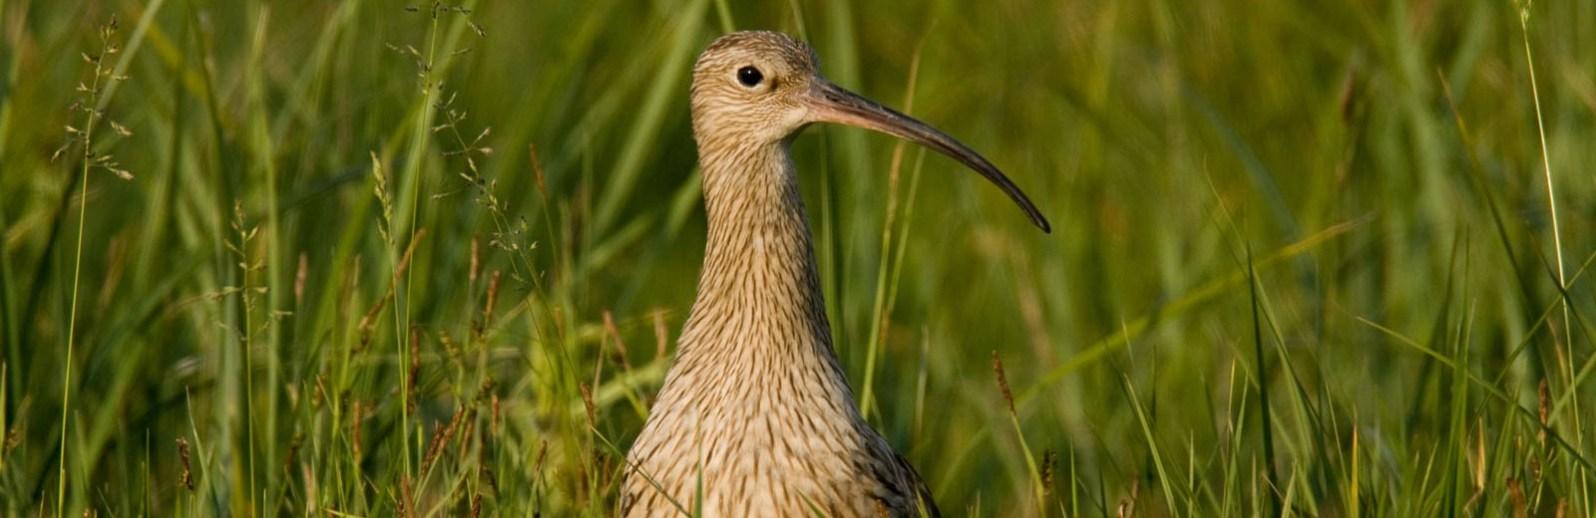 Großer Brachvogel © S. Ott